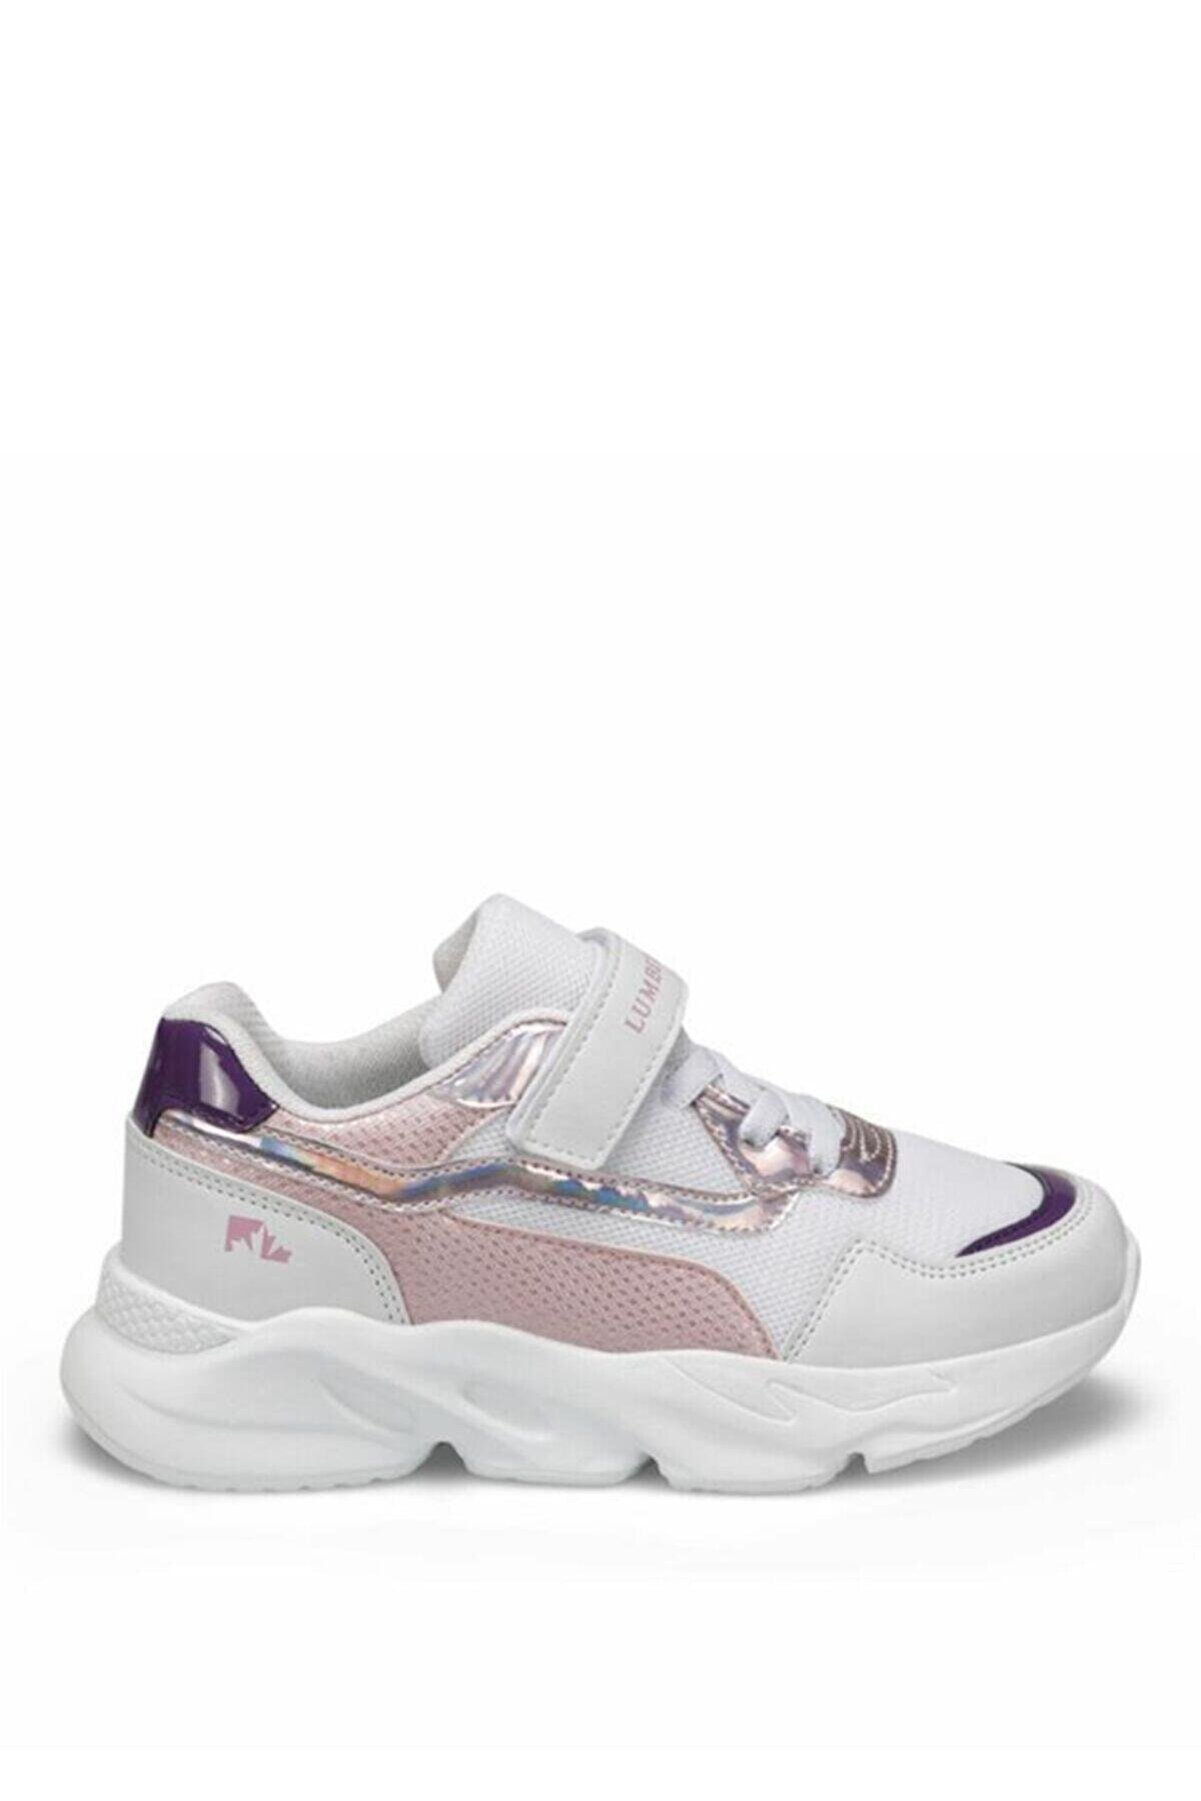 Lumberjack HELEN Beyaz Kız Çocuk Koşu Ayakkabısı 100486035